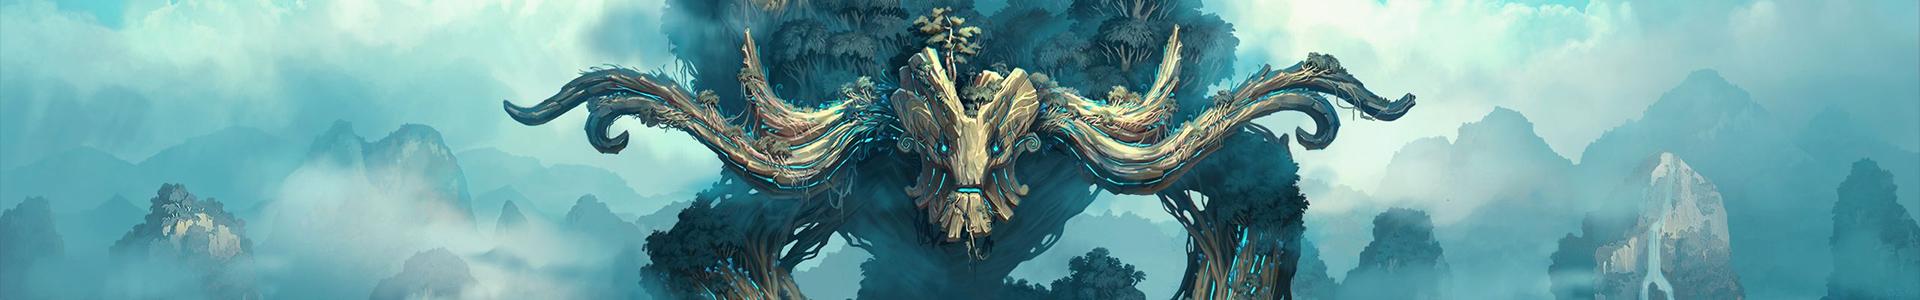 faeria-banner